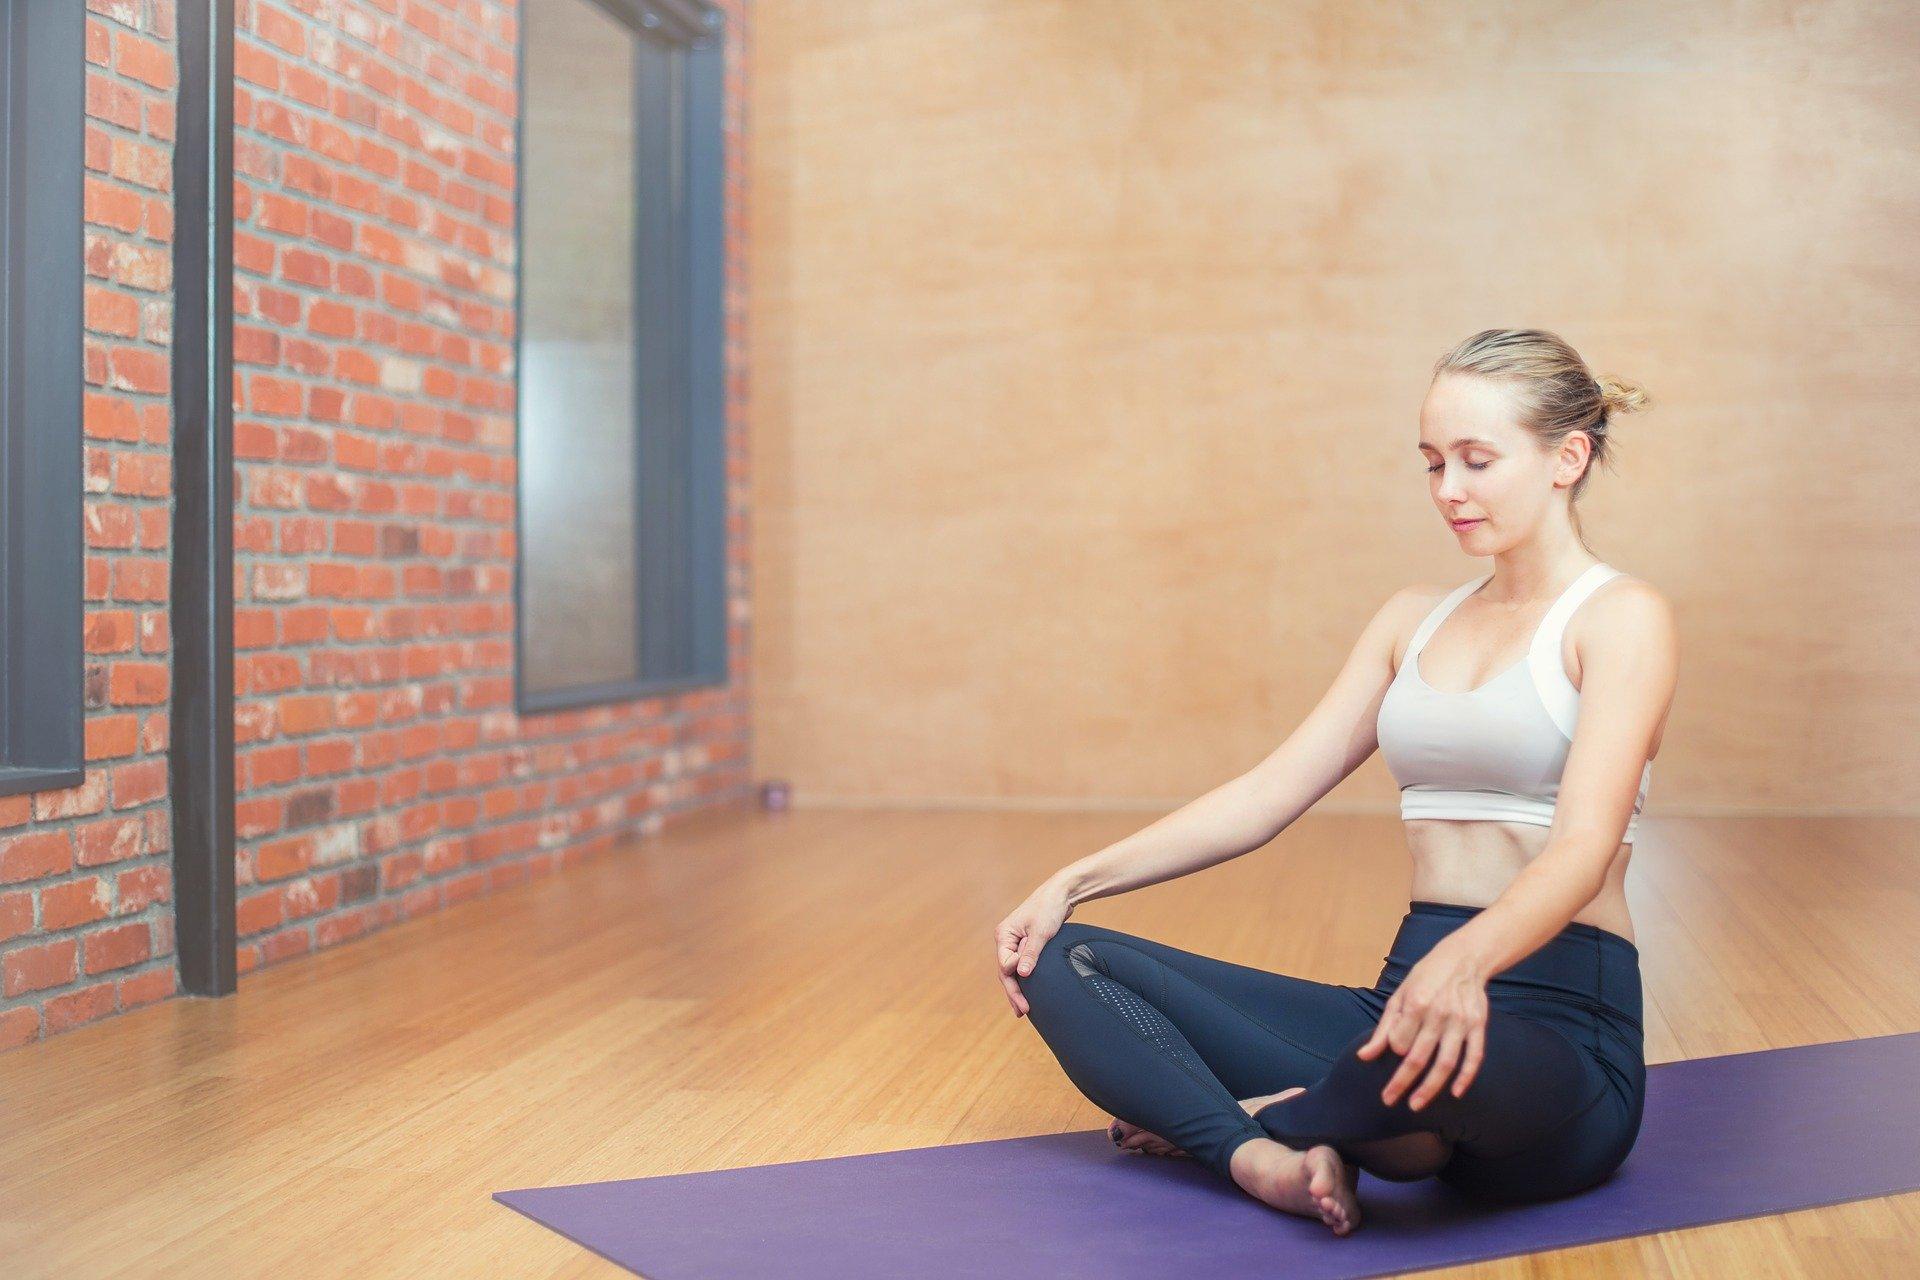 žena v tělocvičně